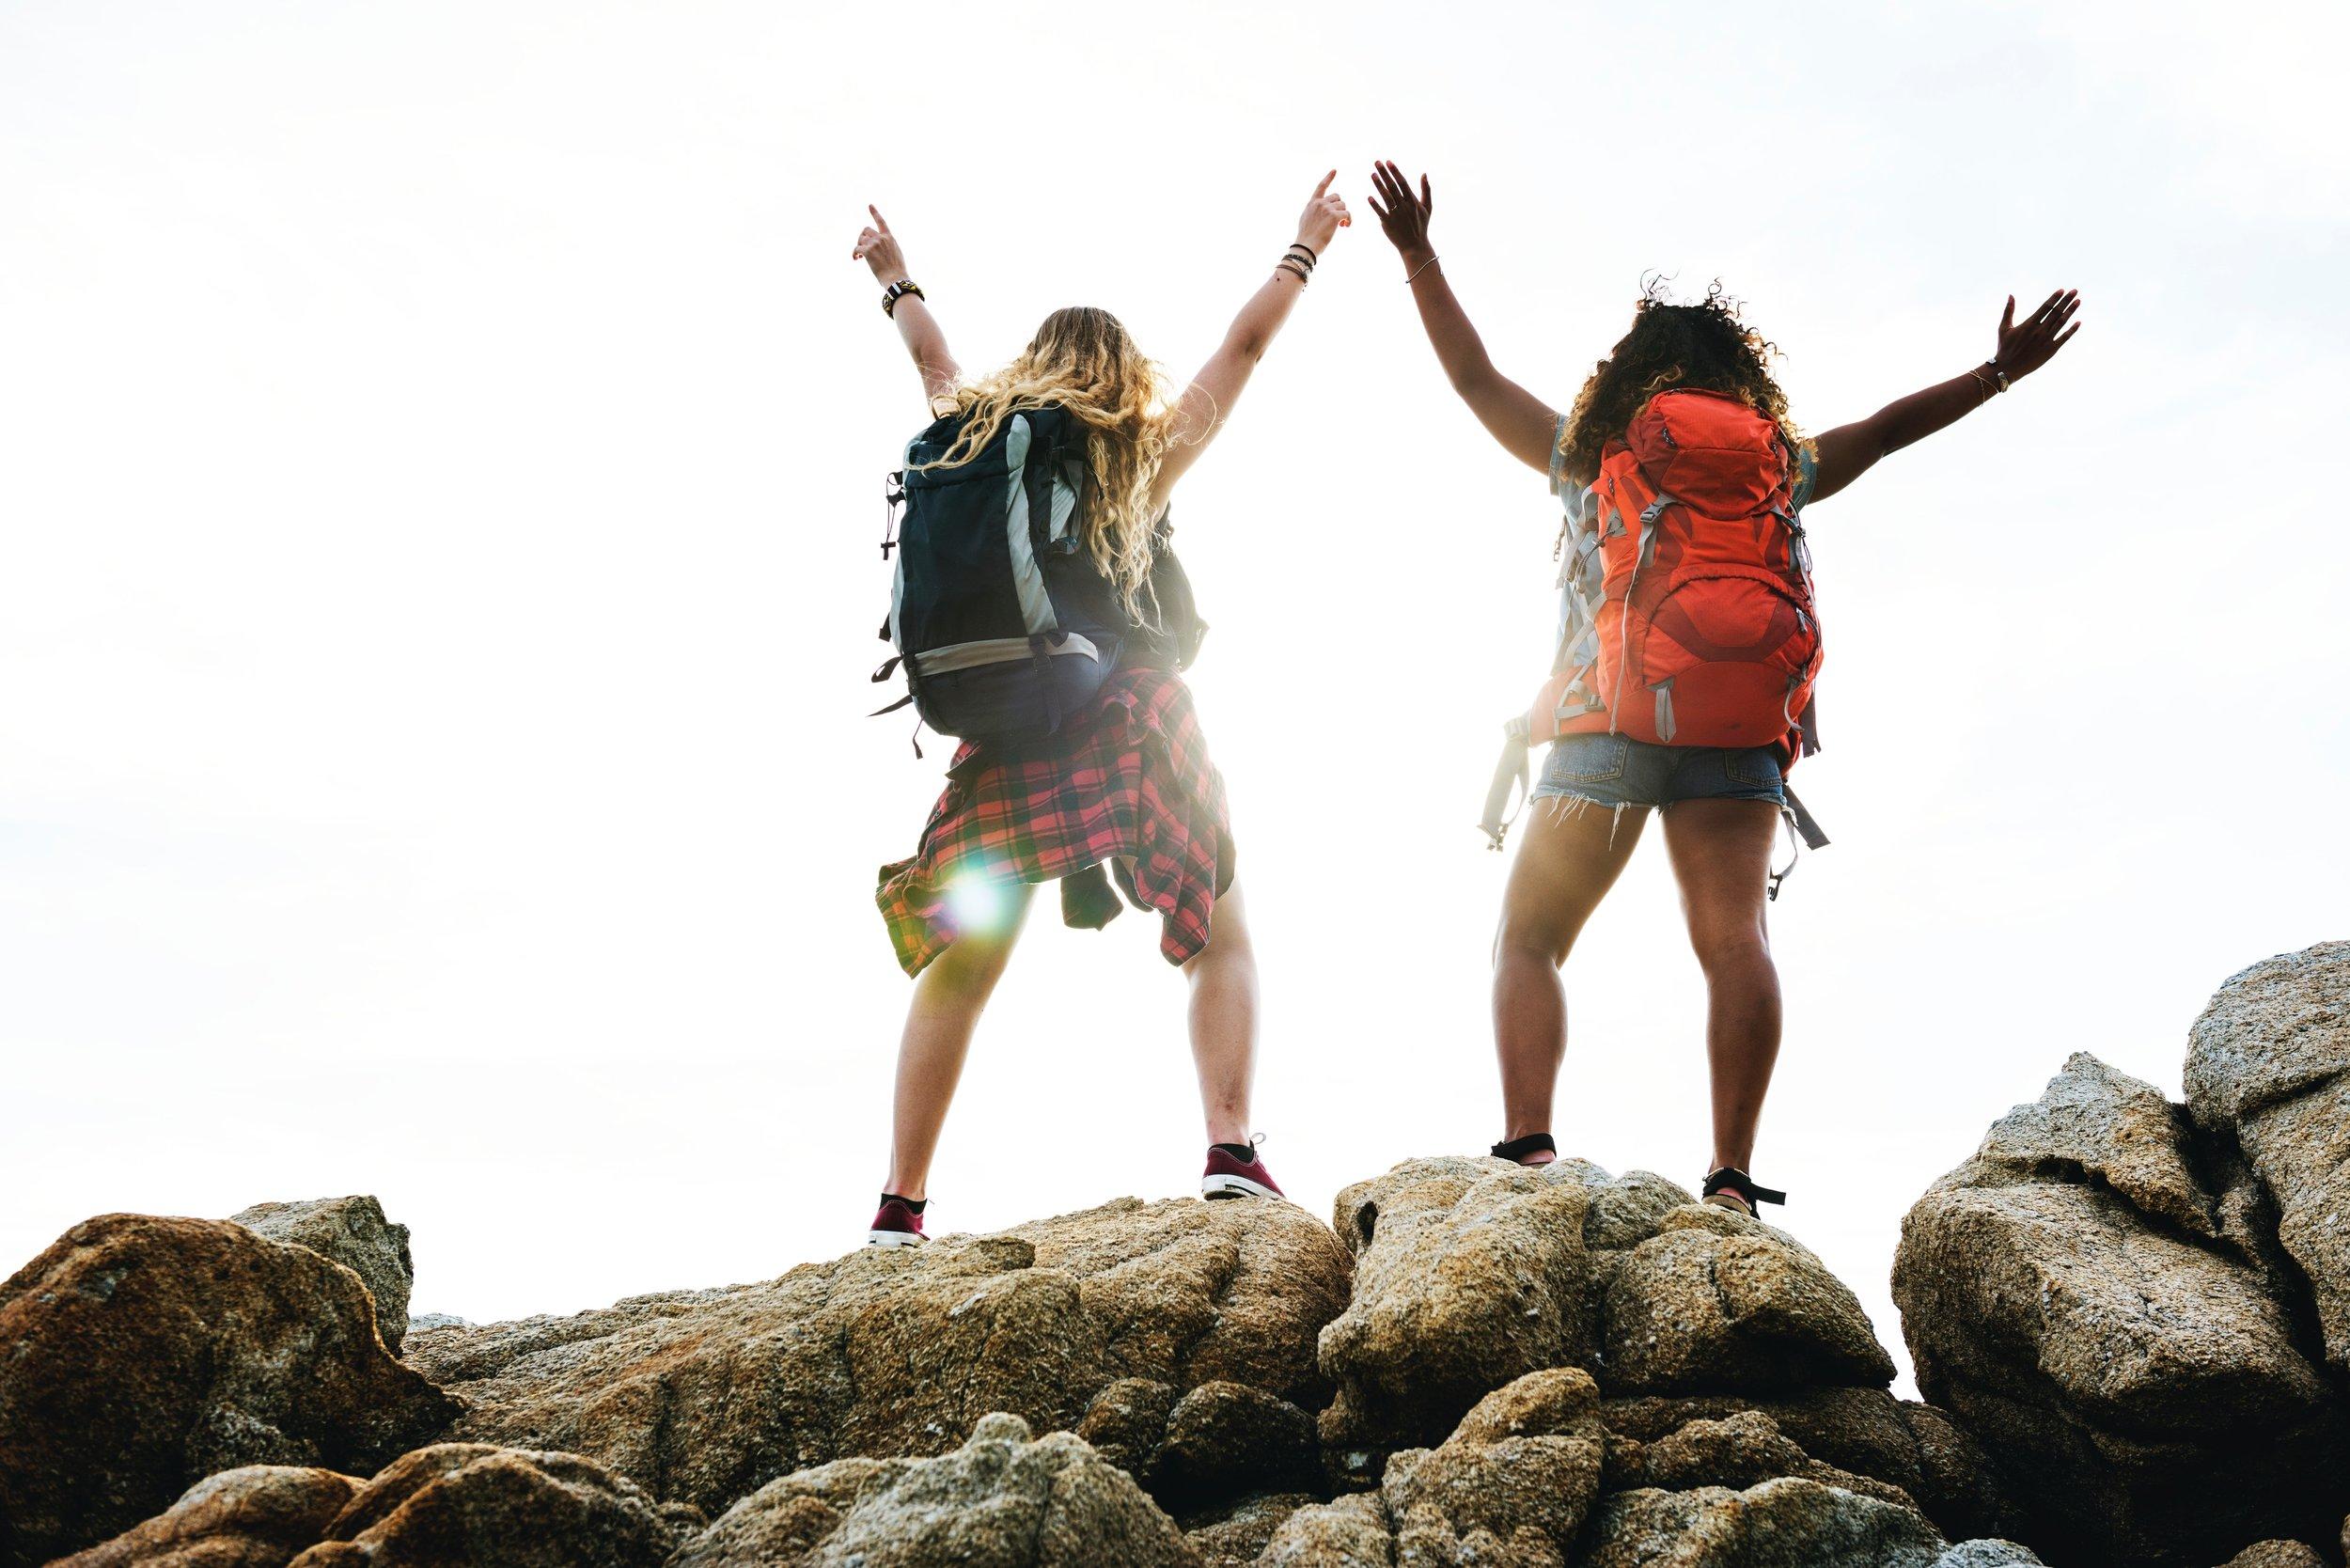 uwm.wsp.newyearbetteryou.achievement-backpack-backpacker-1321729.jpg